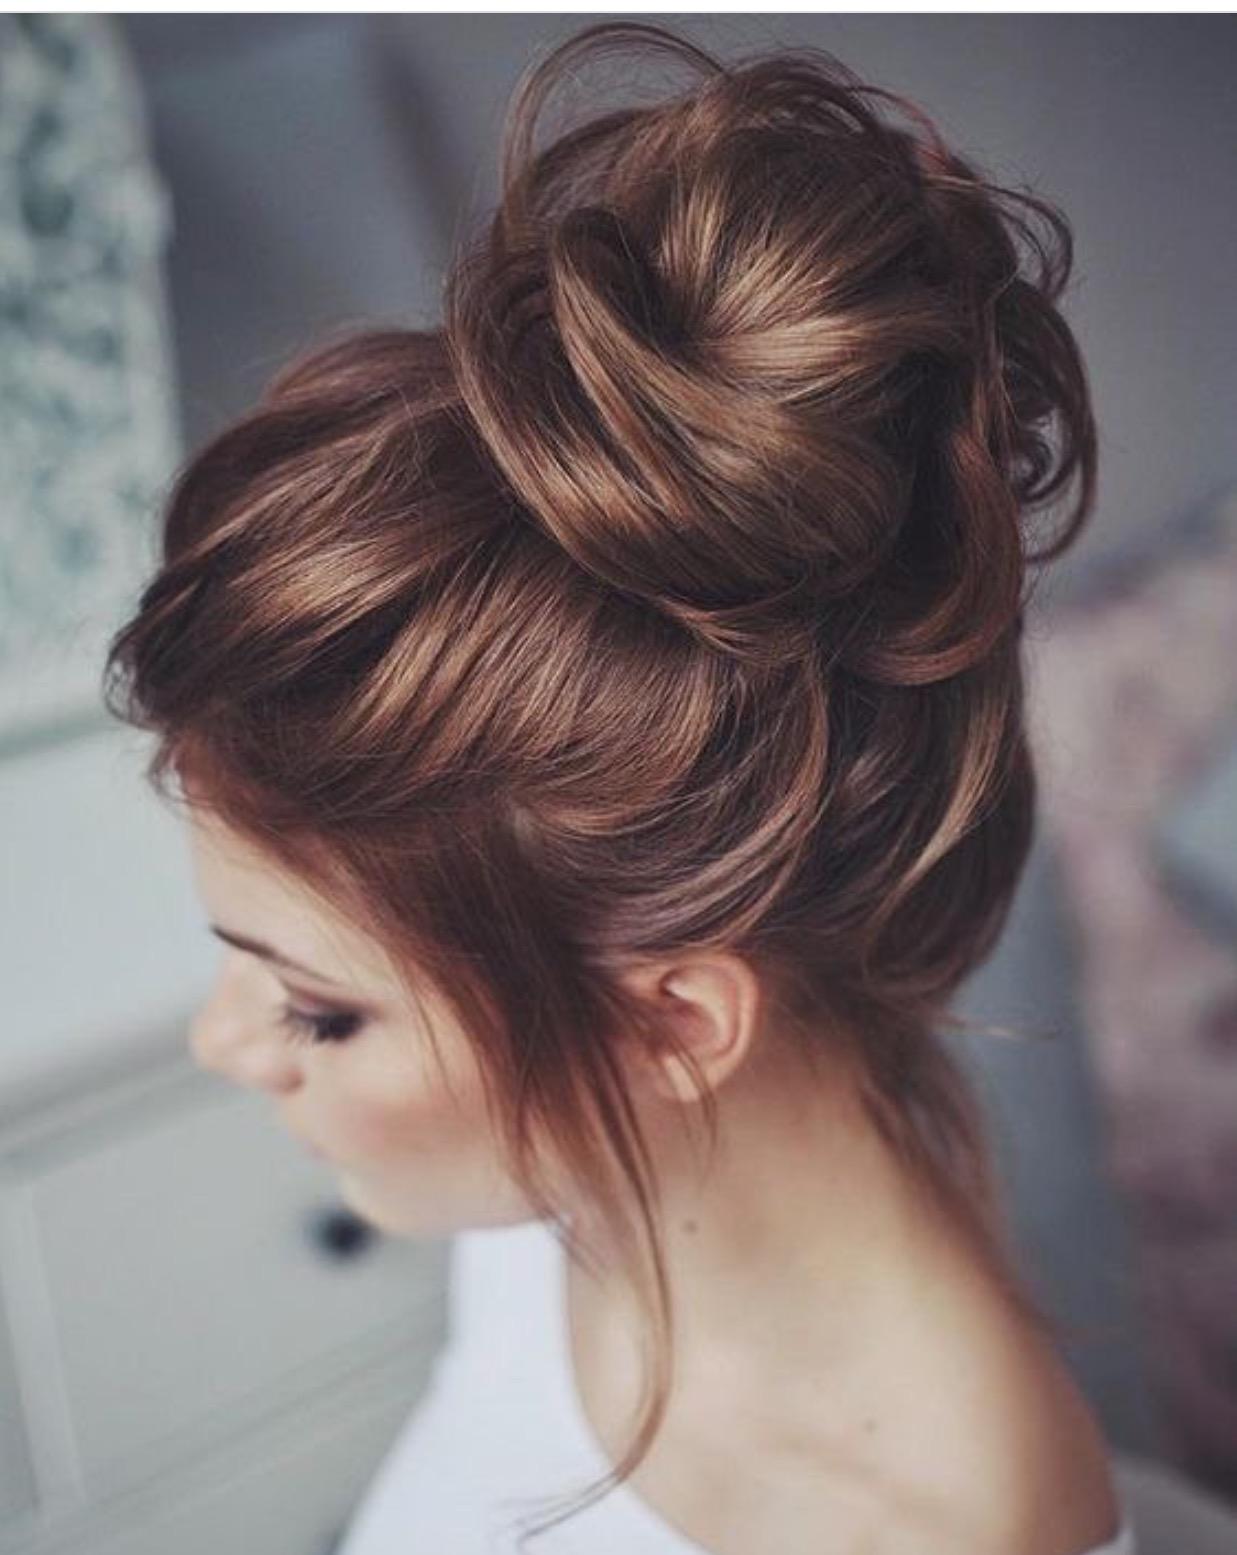 A cute top knot from  @brideallwedding